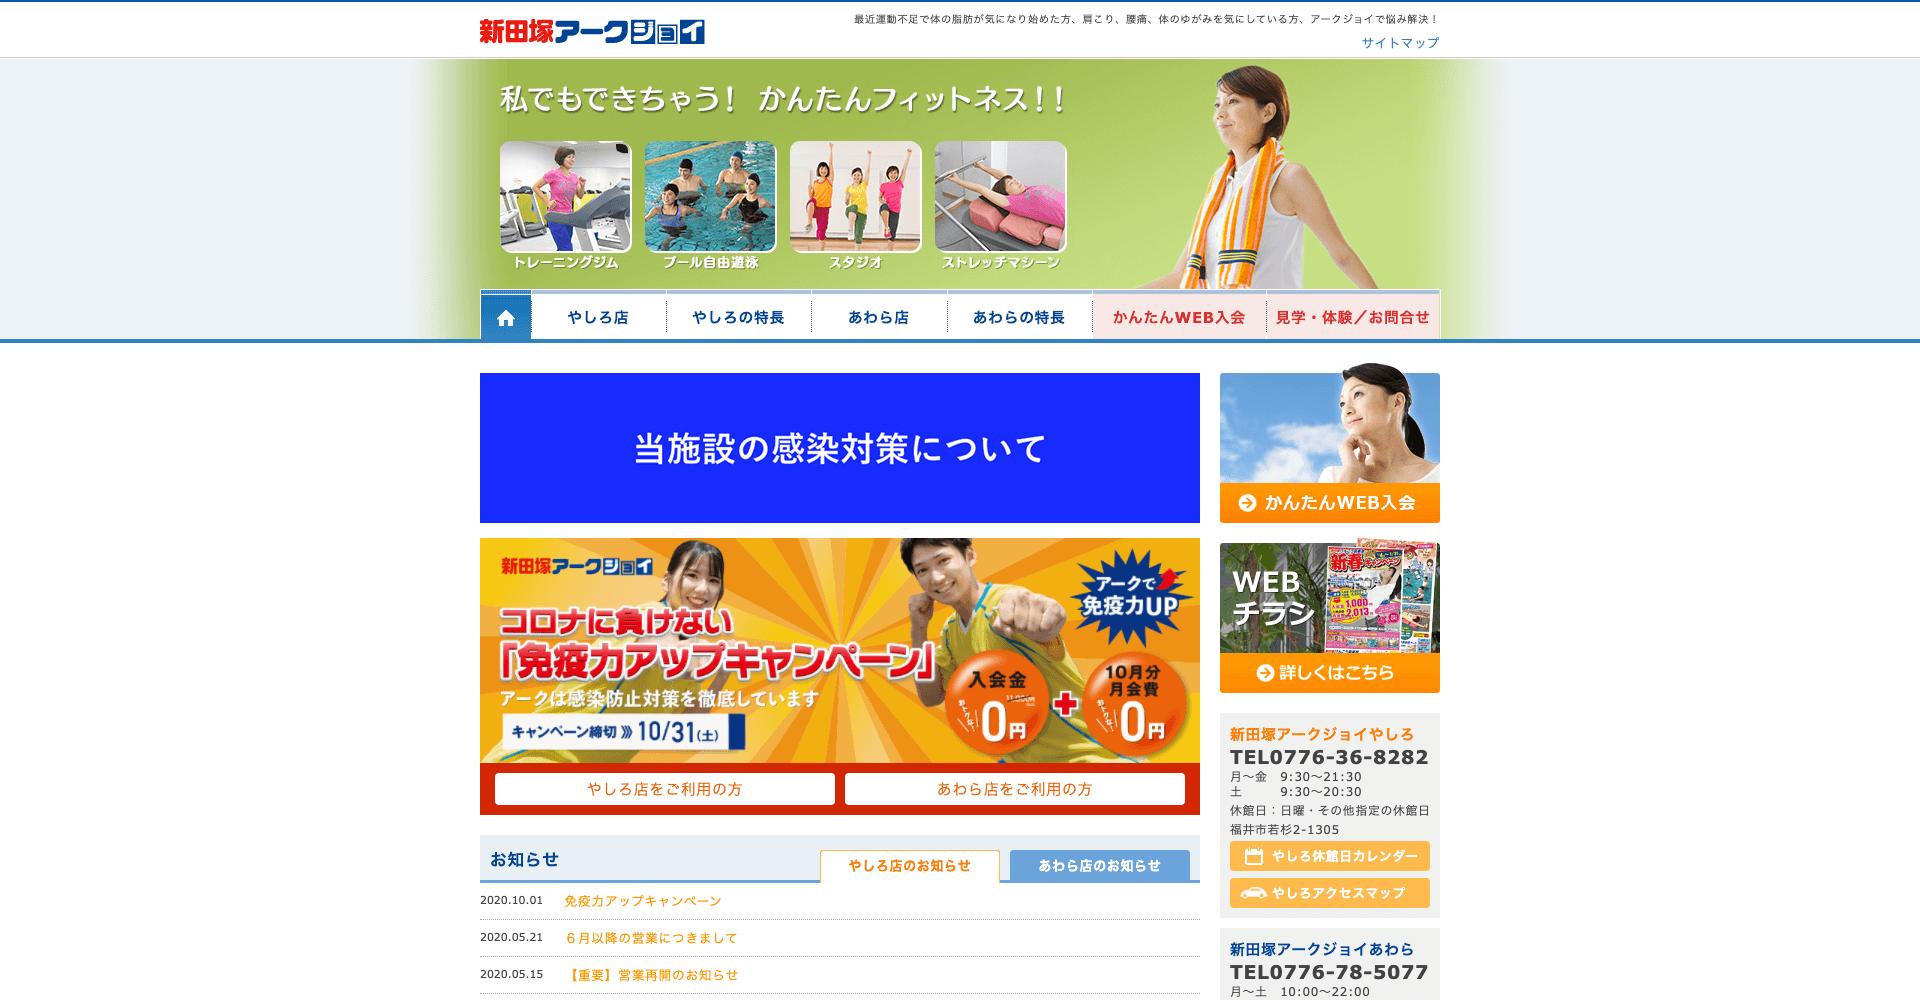 新田塚アークジョイ あわら